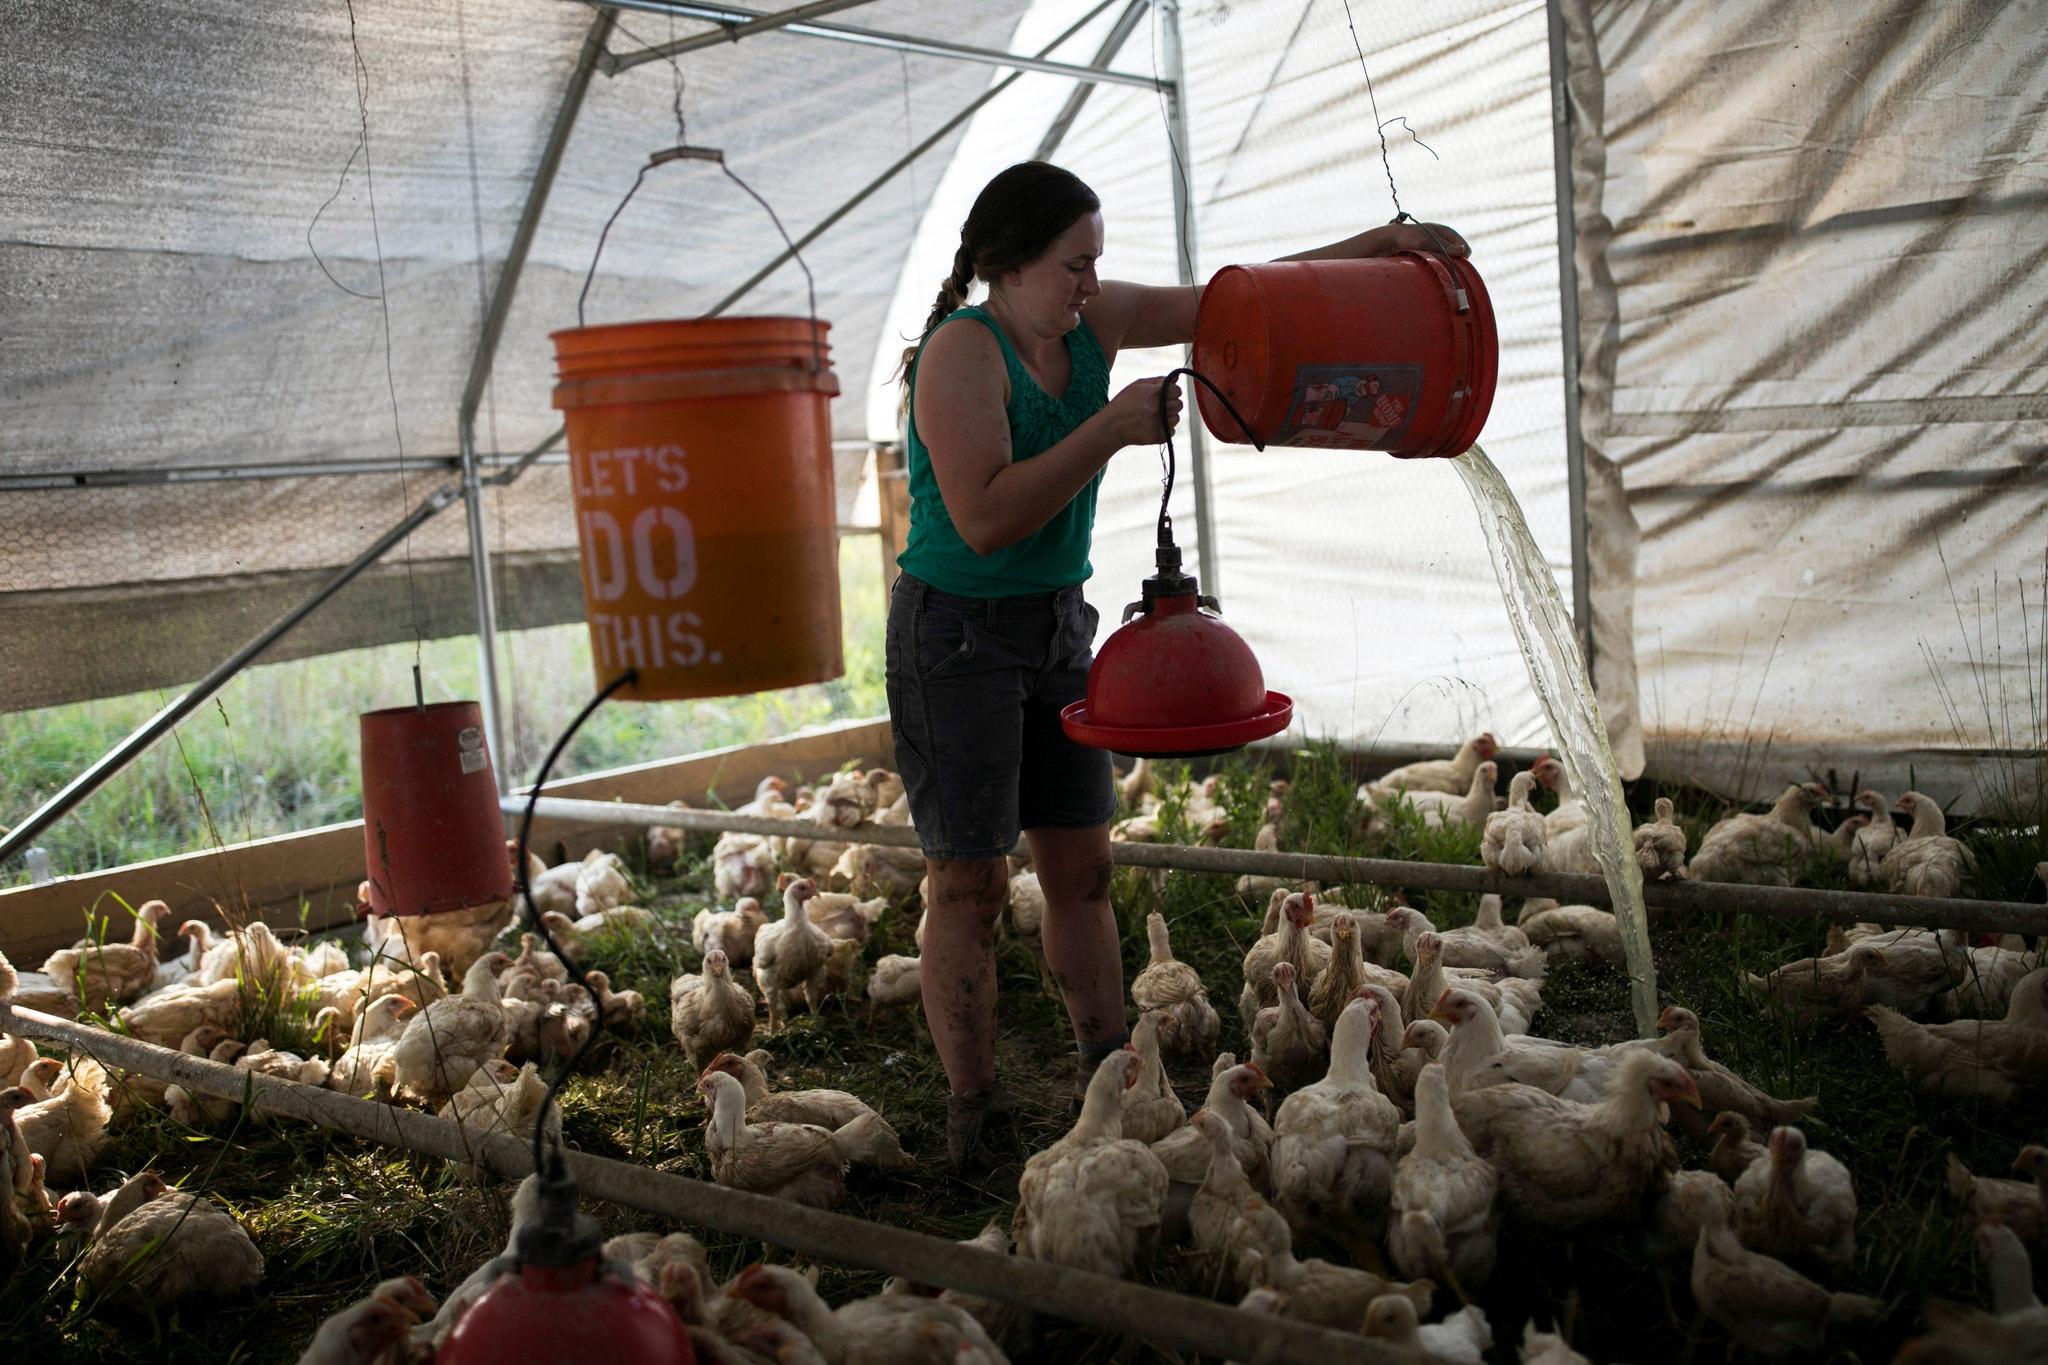 صاحبة إحدى المزارع باوهايو تحاول ترطيب دواجنها